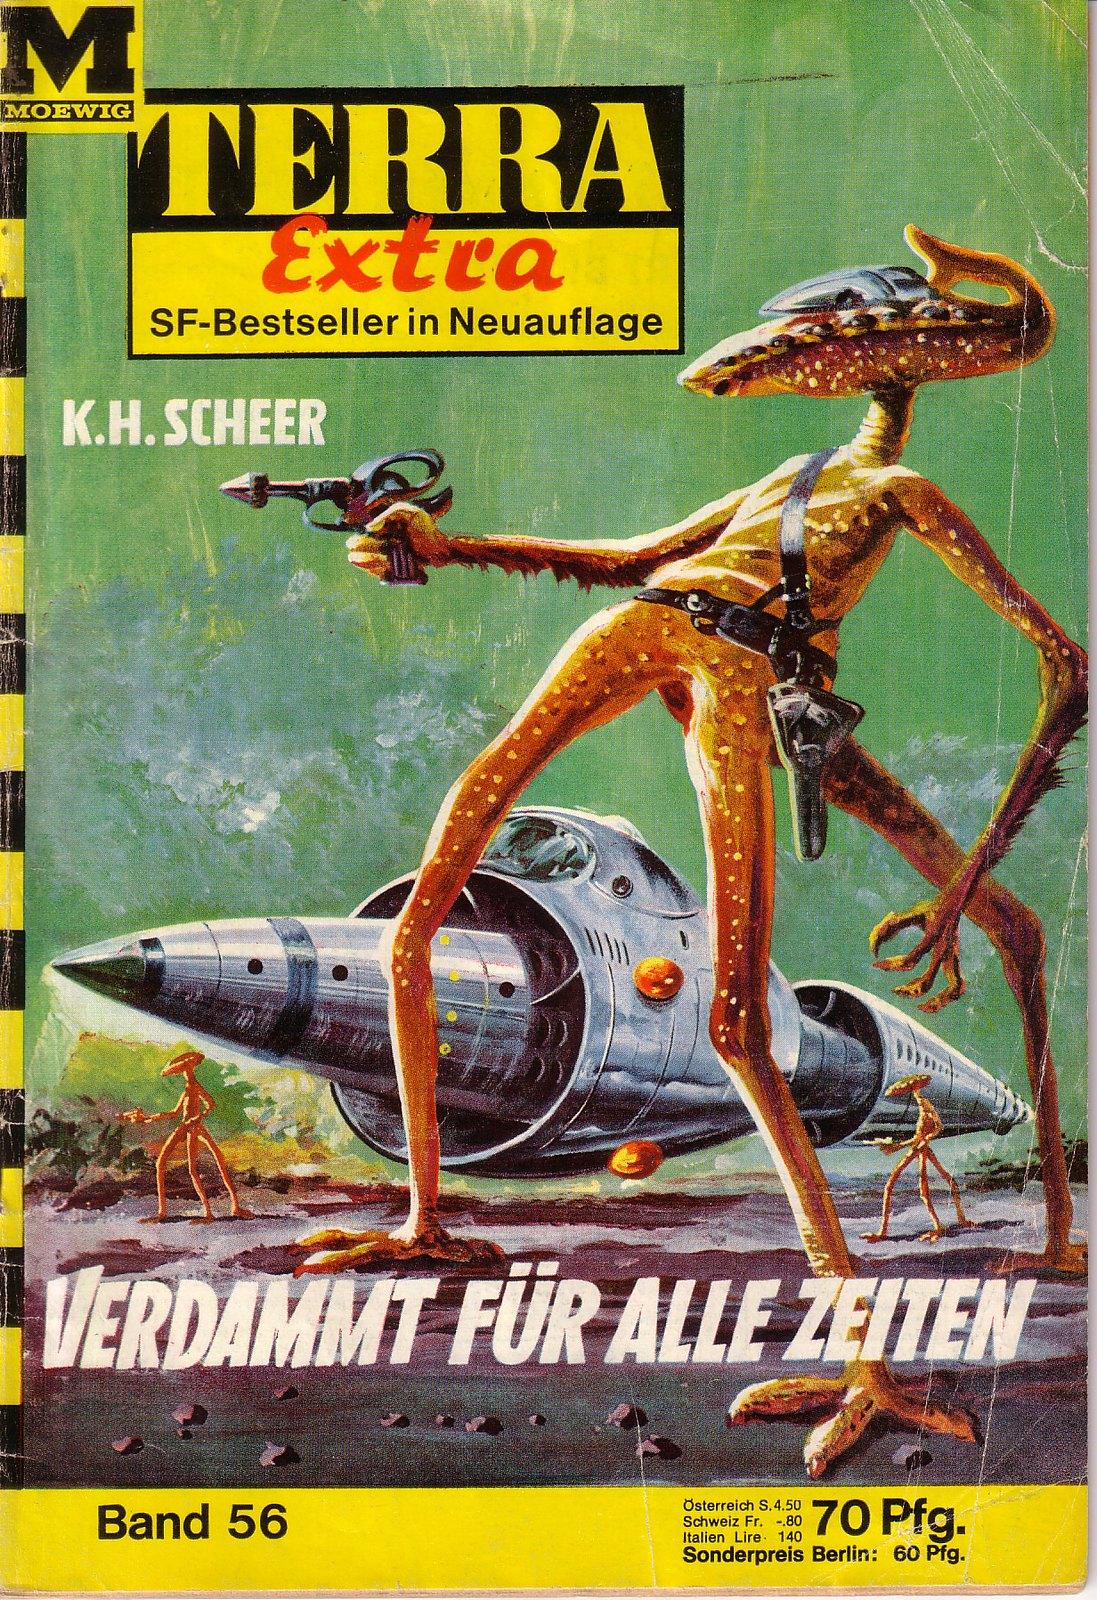 Великолепные обложки немецкого фантастического журнала Terra (19).jpg